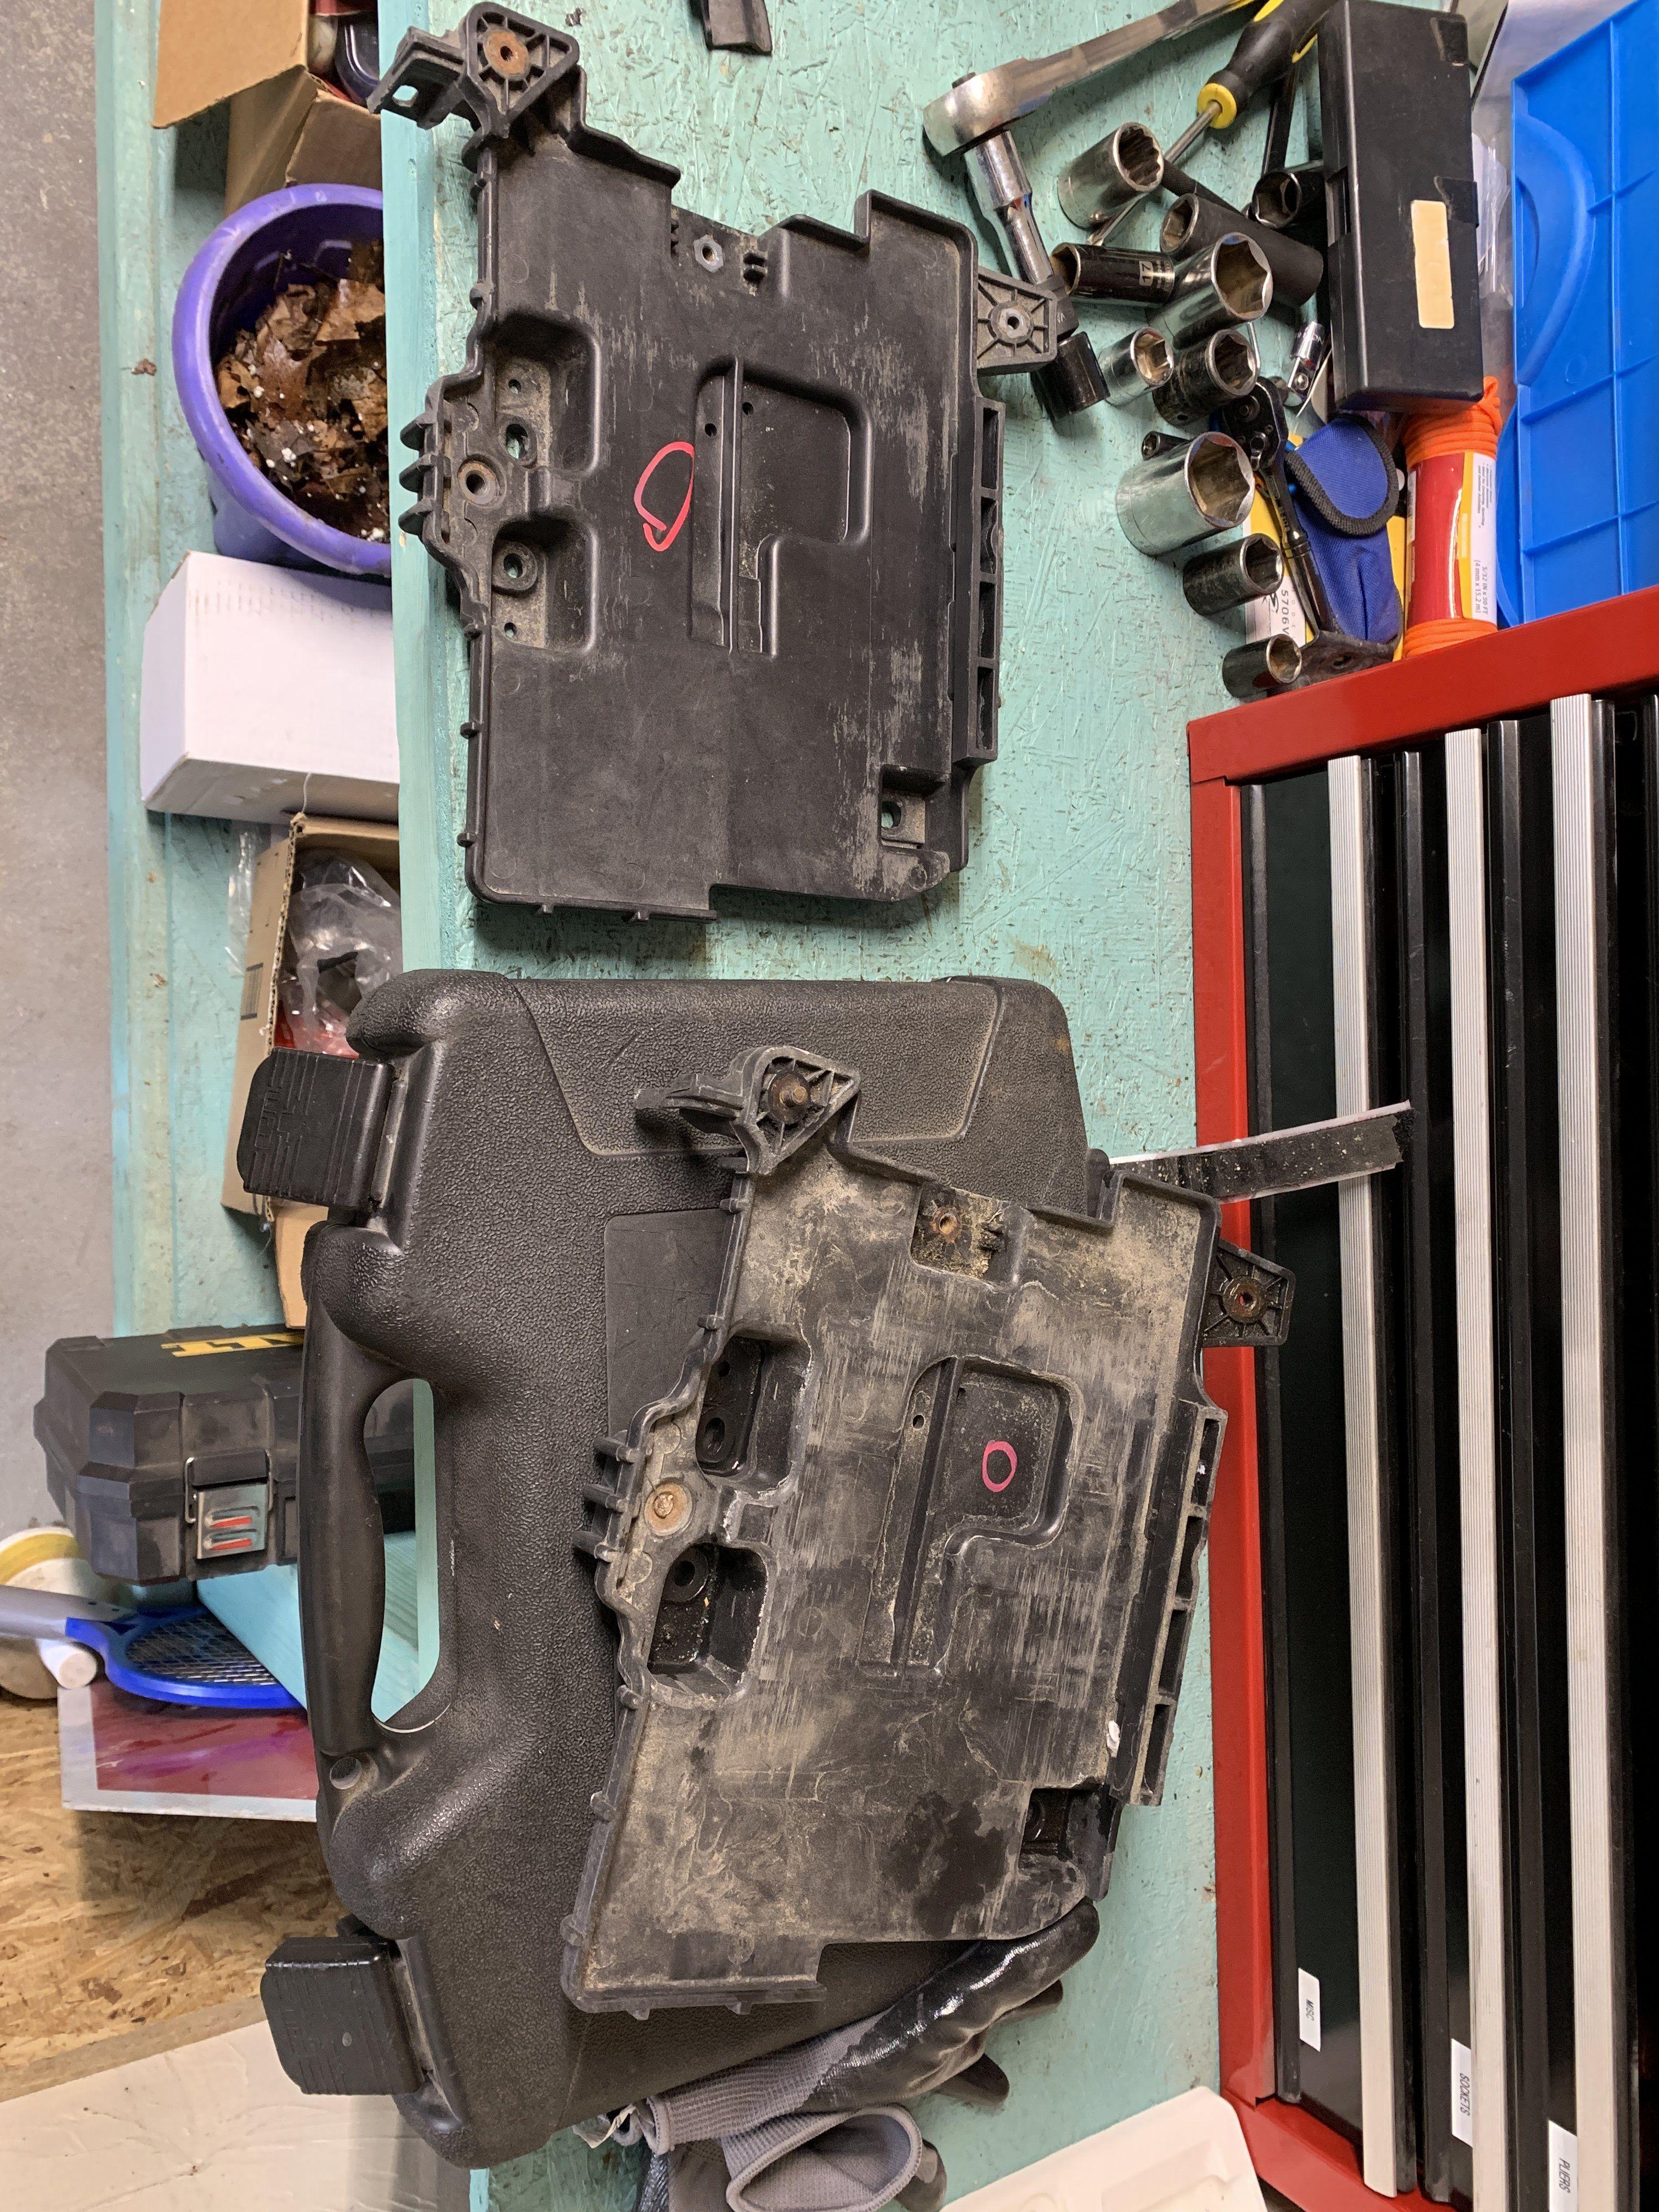 ABB9D979-124D-446E-A60A-FF3A8045BFA4.jpeg